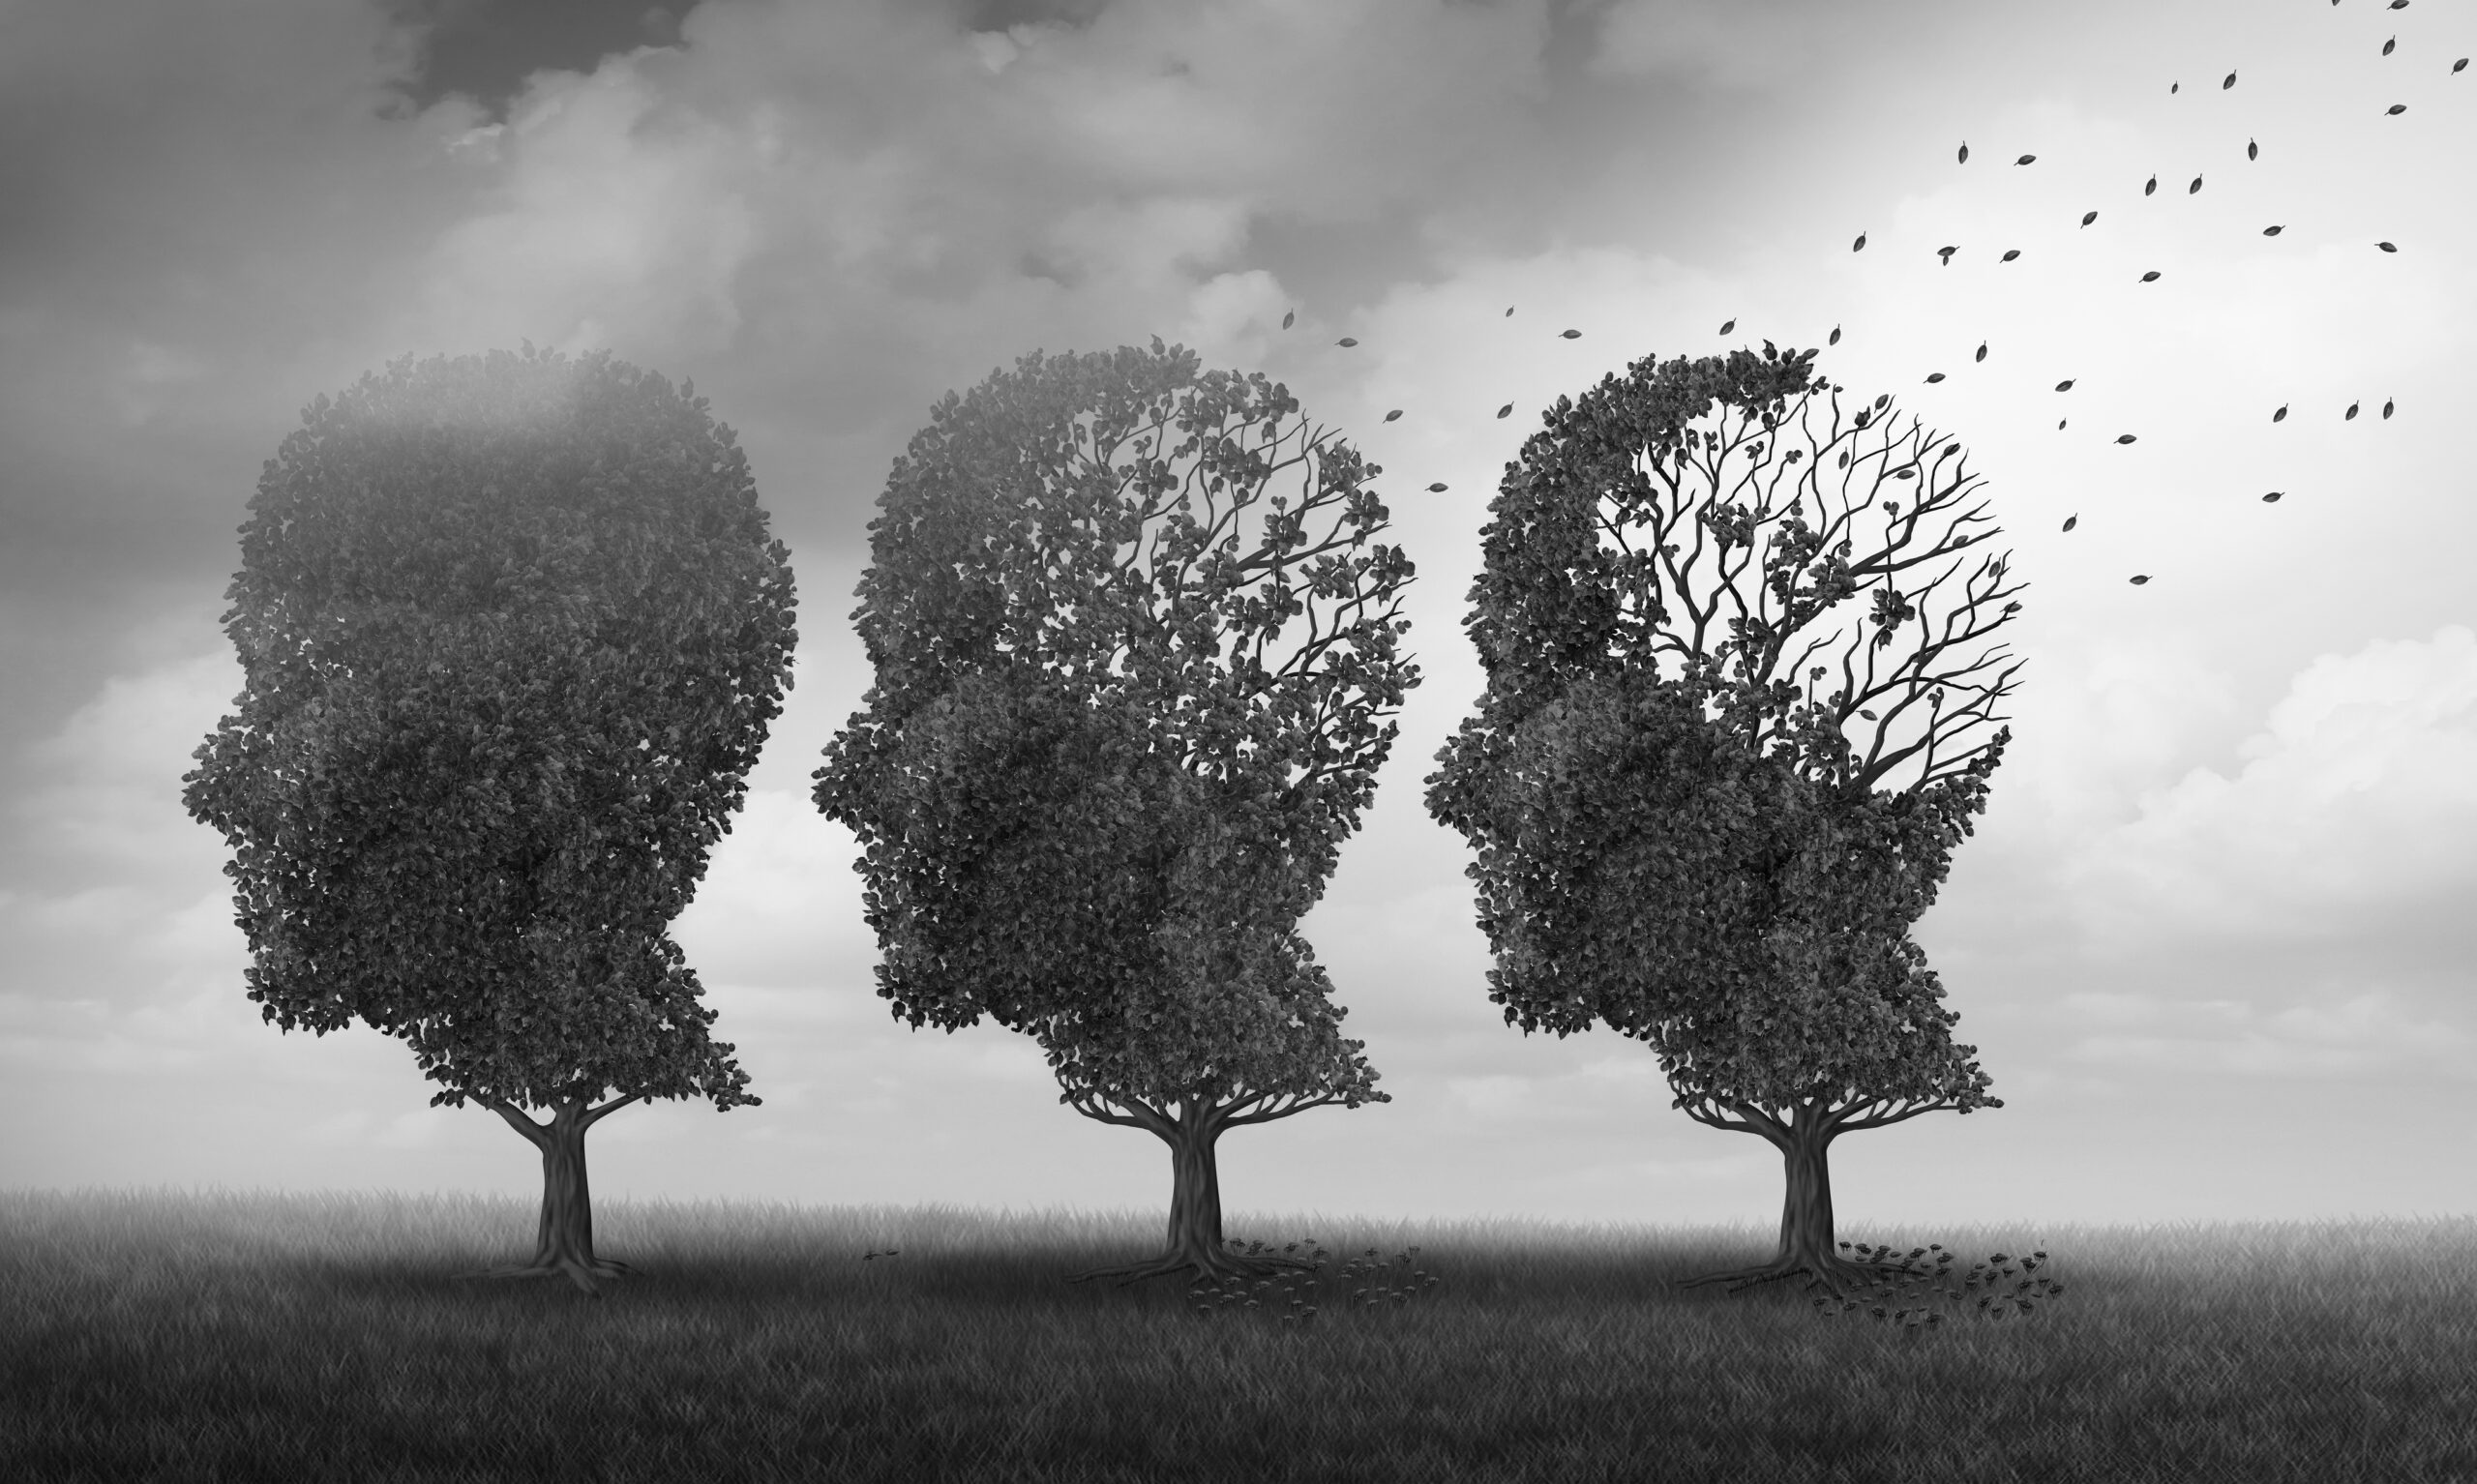 Easing the Burden of Dementia